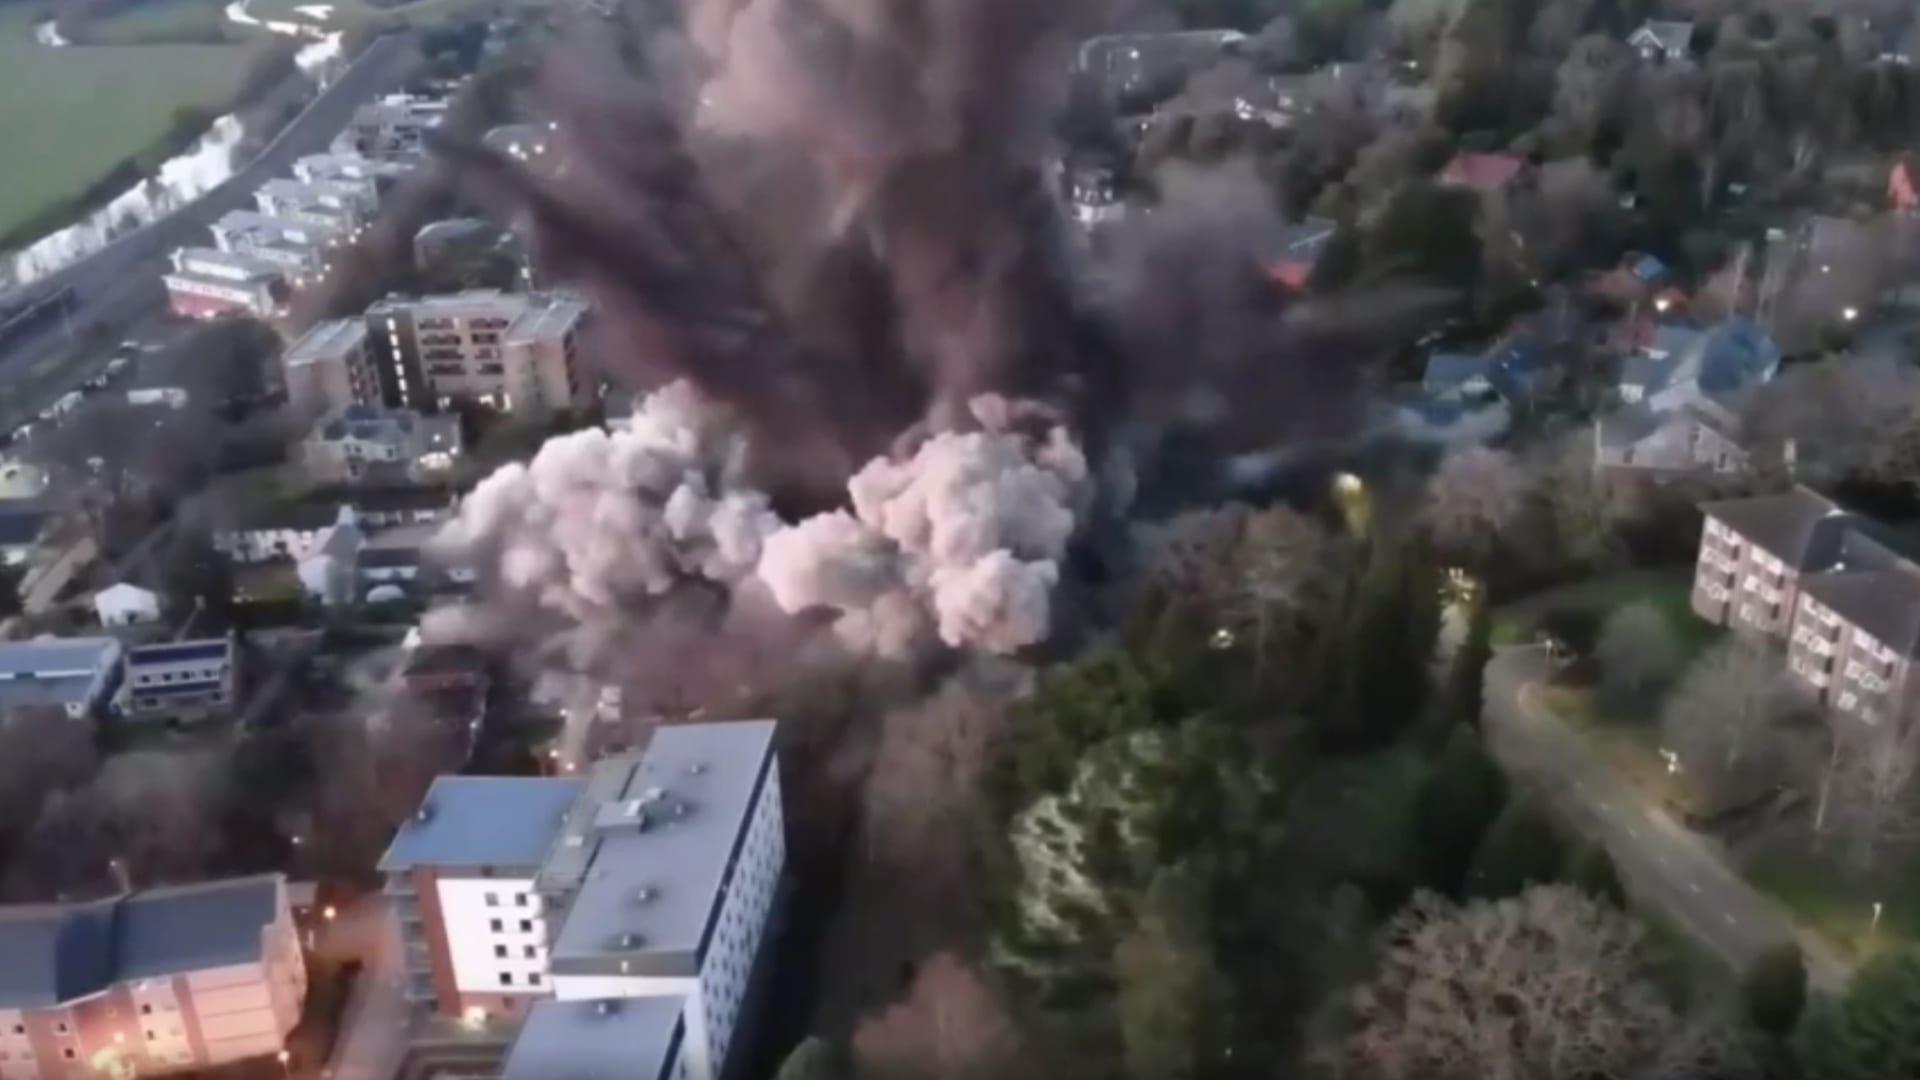 شاهد لحظة انفجار قنبلة ضخمة تعود للحرب العالمية الثانية بوزن طن في إنجلترا